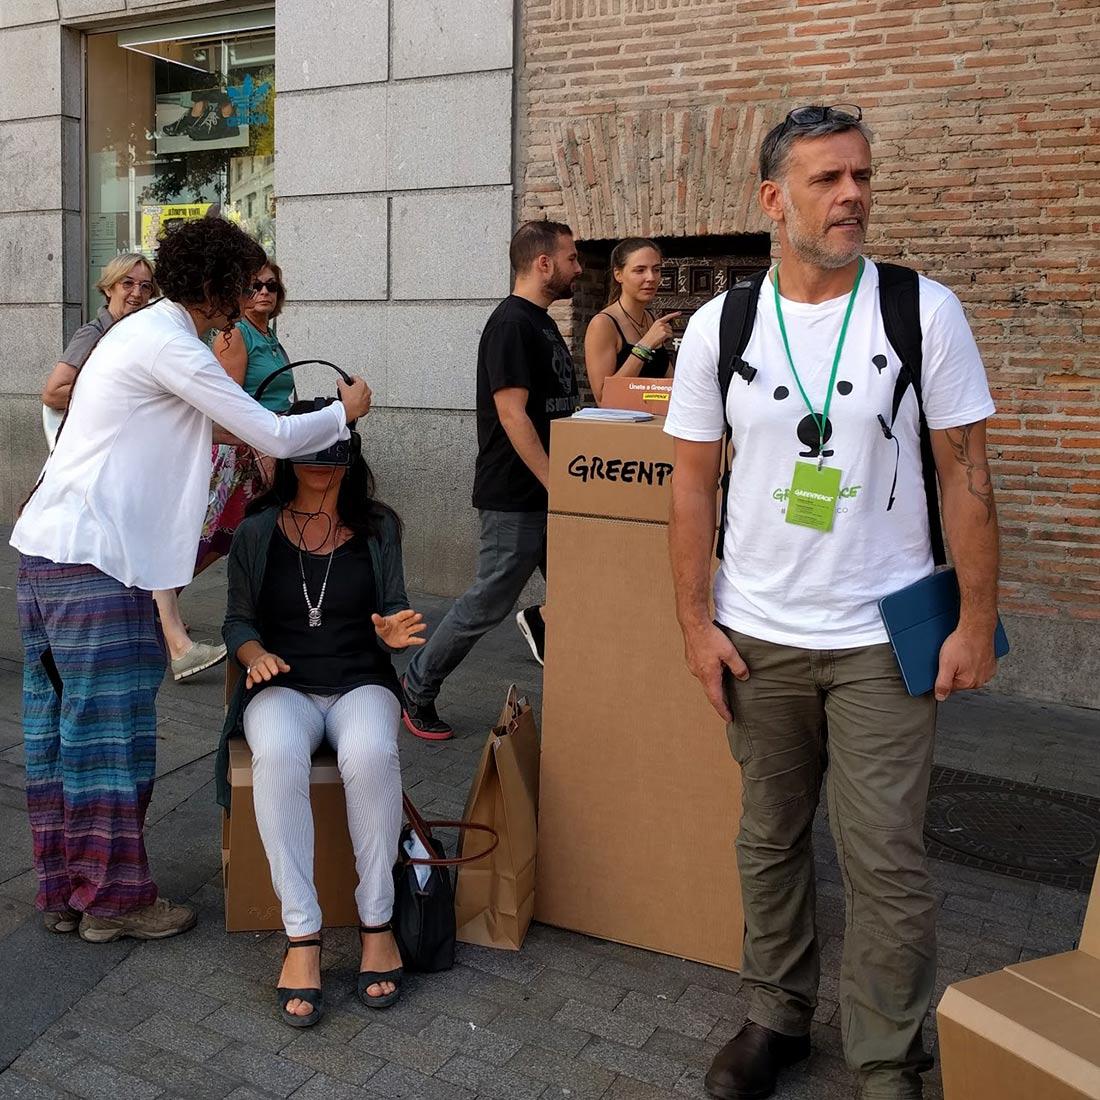 muebles-greenpeace-ecologicos-mostrador-carton-02